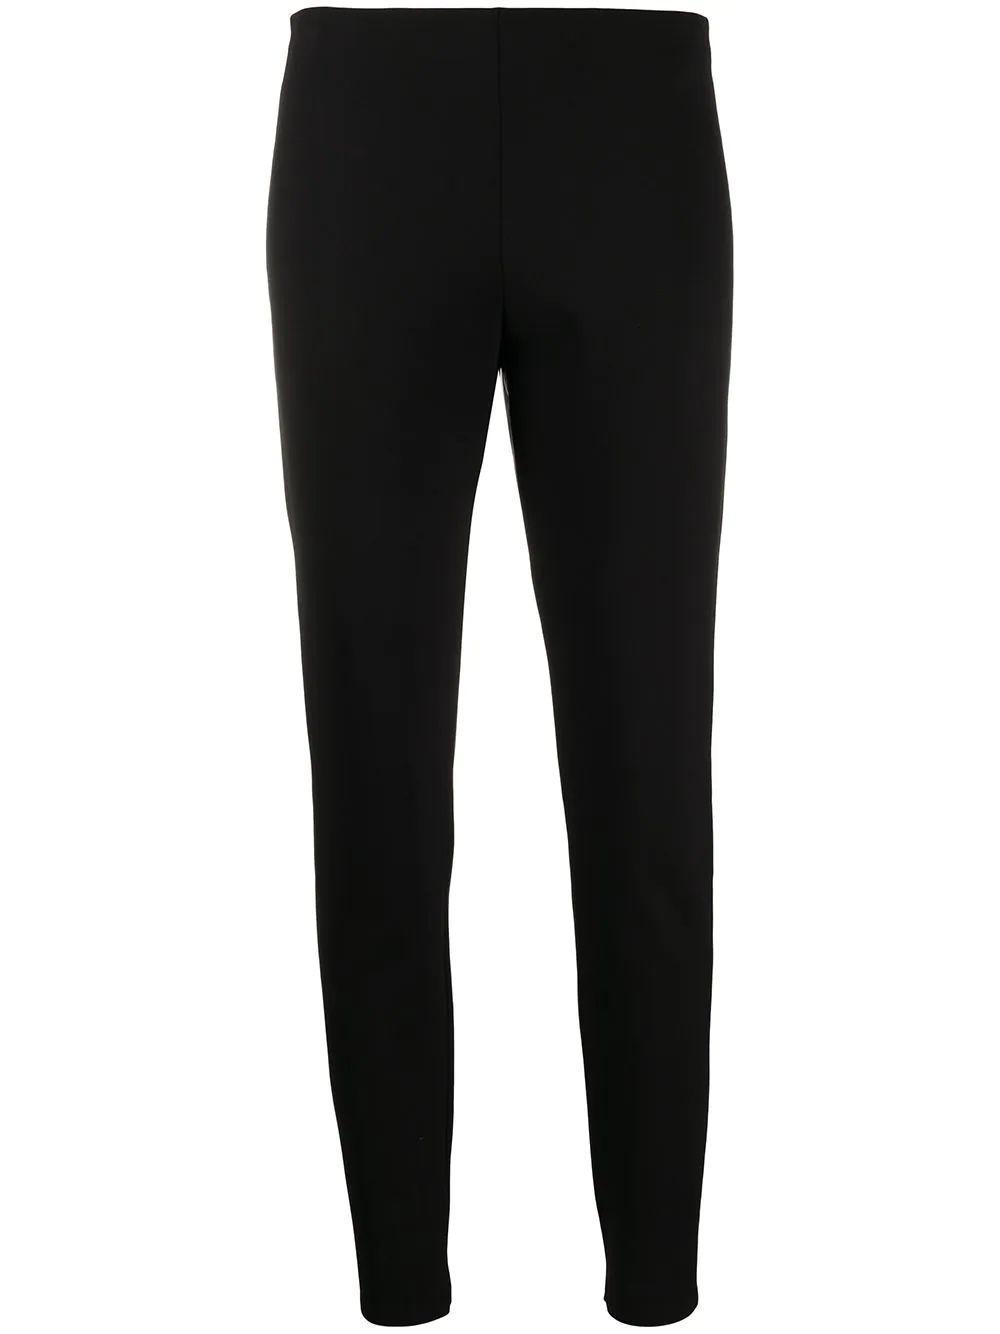 Skinny Legging Trouser Item # J1127201